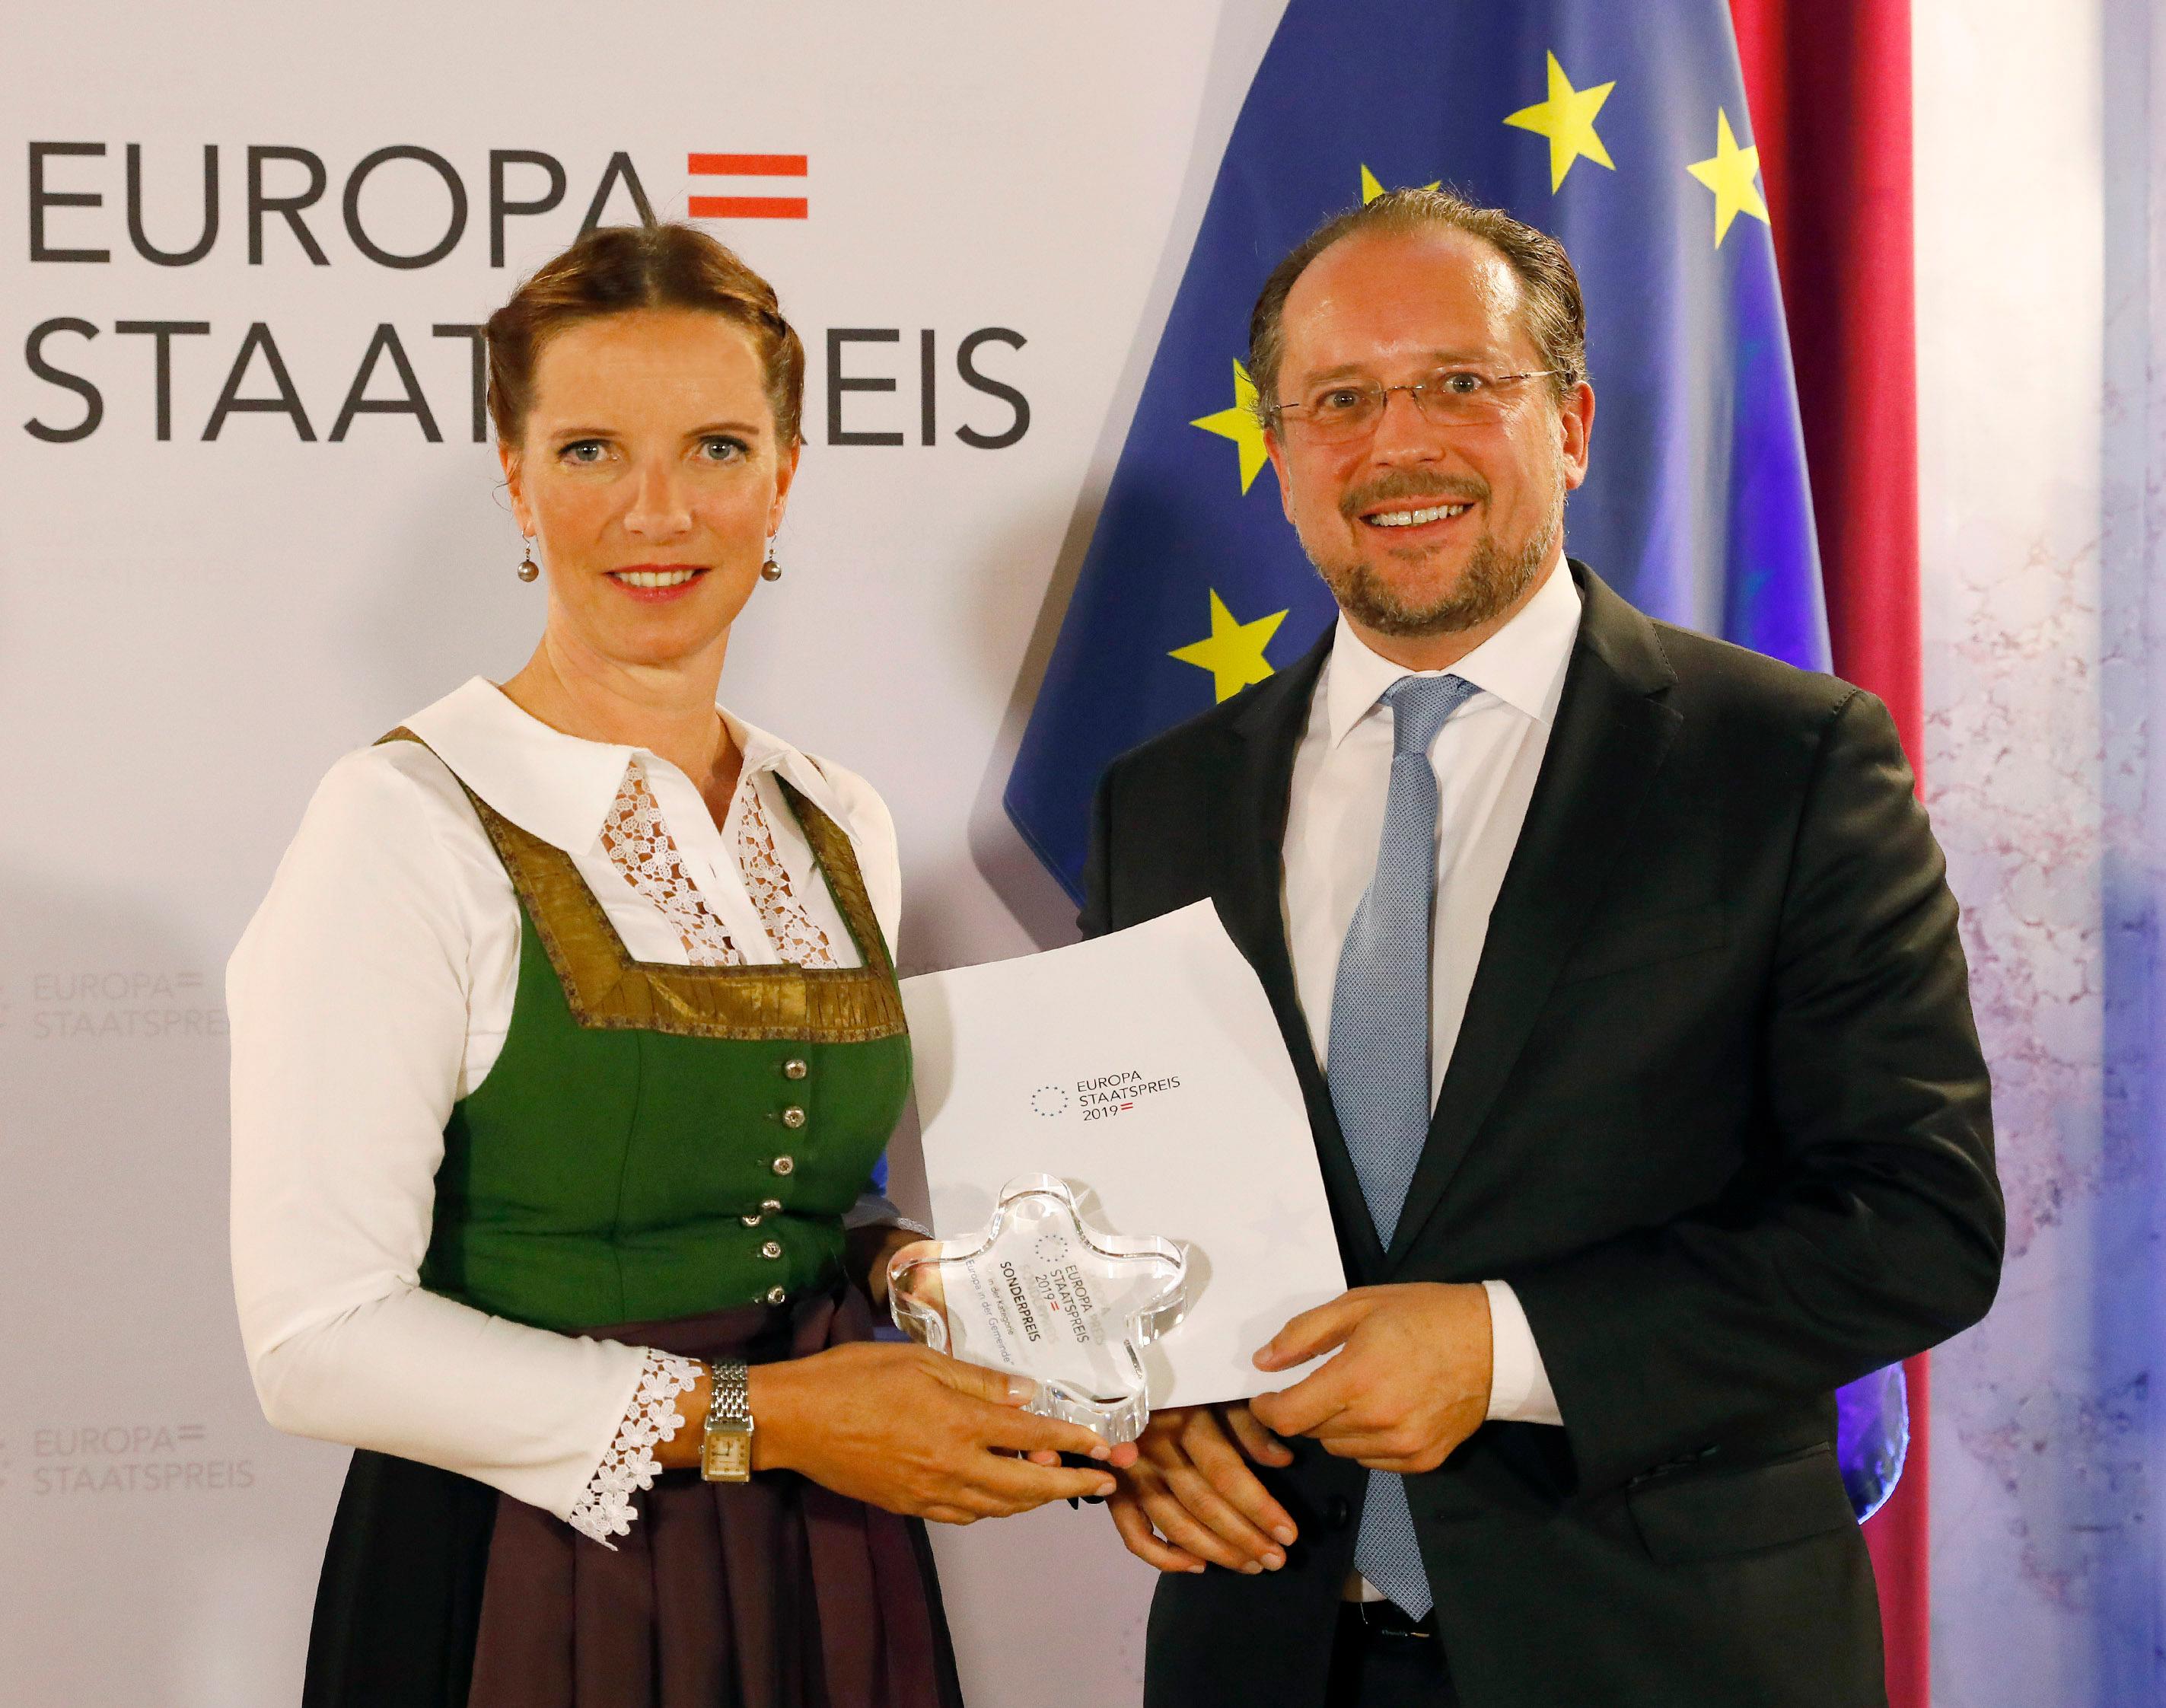 Verleihung des Staatspreises durch Außenminister Alexander Schallenberg im Sept. 2019 (C:DraganTatic)